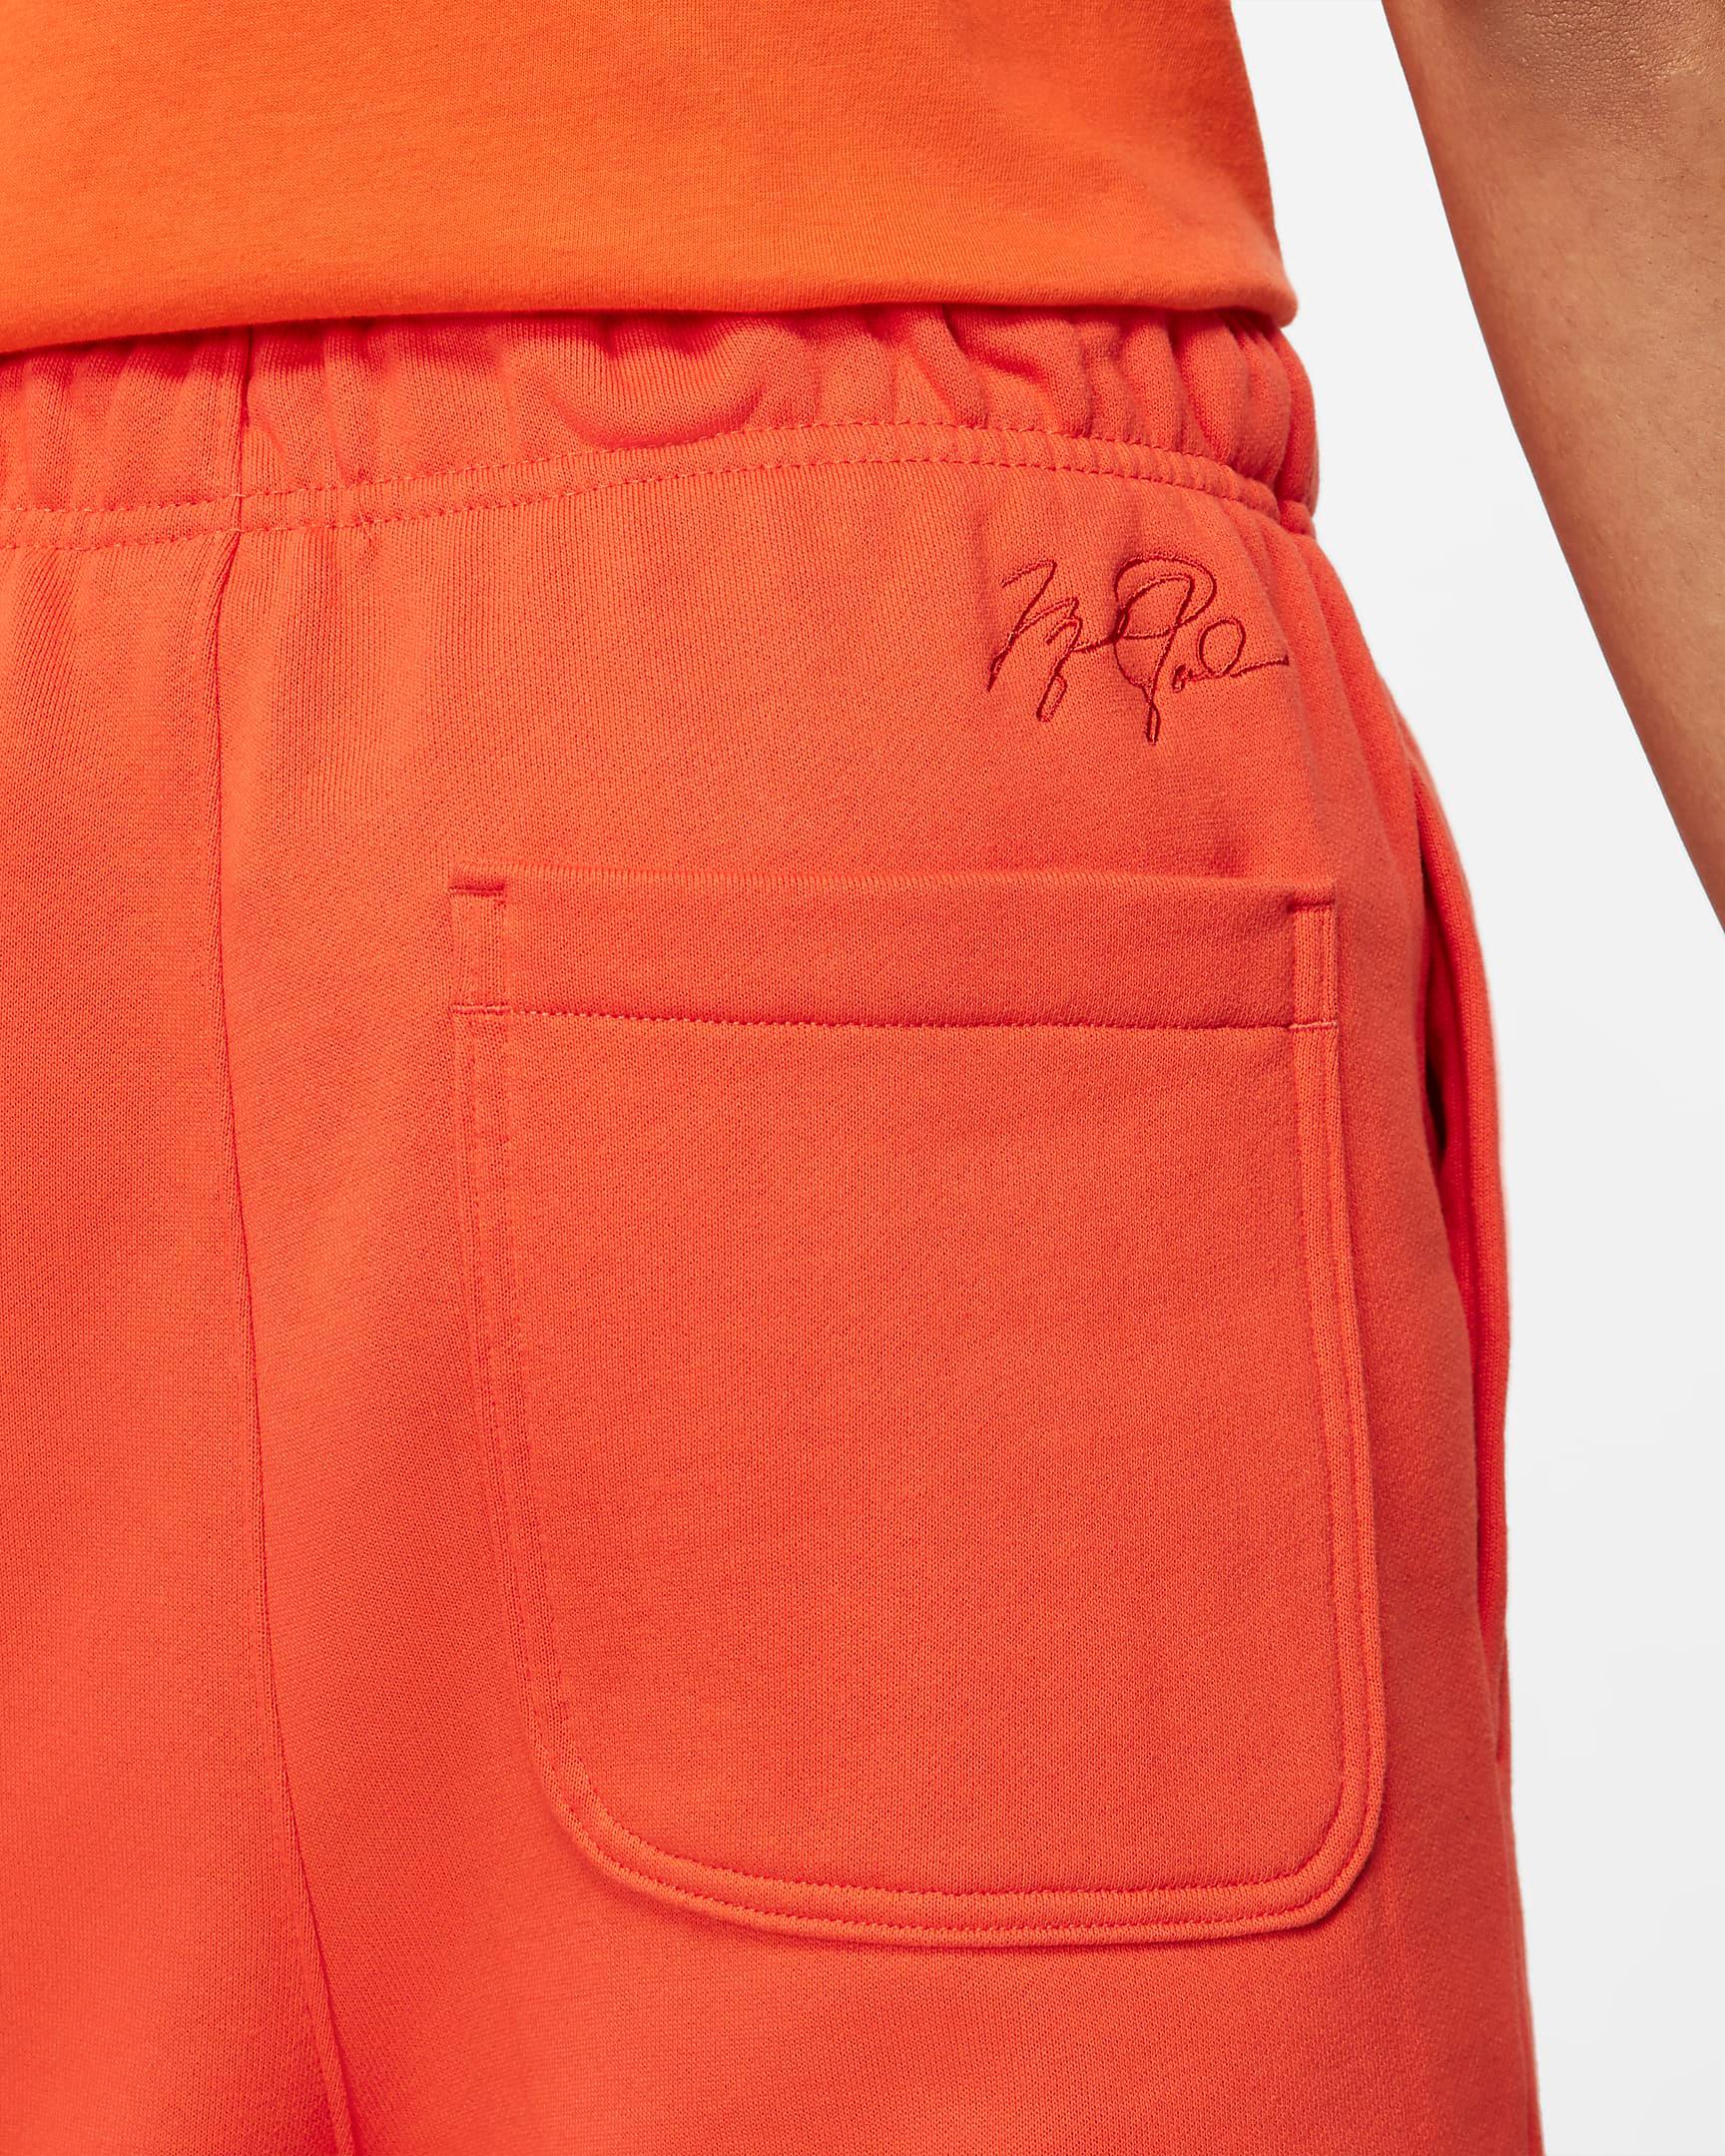 jordan-orange-essentials-fleece-pants-3